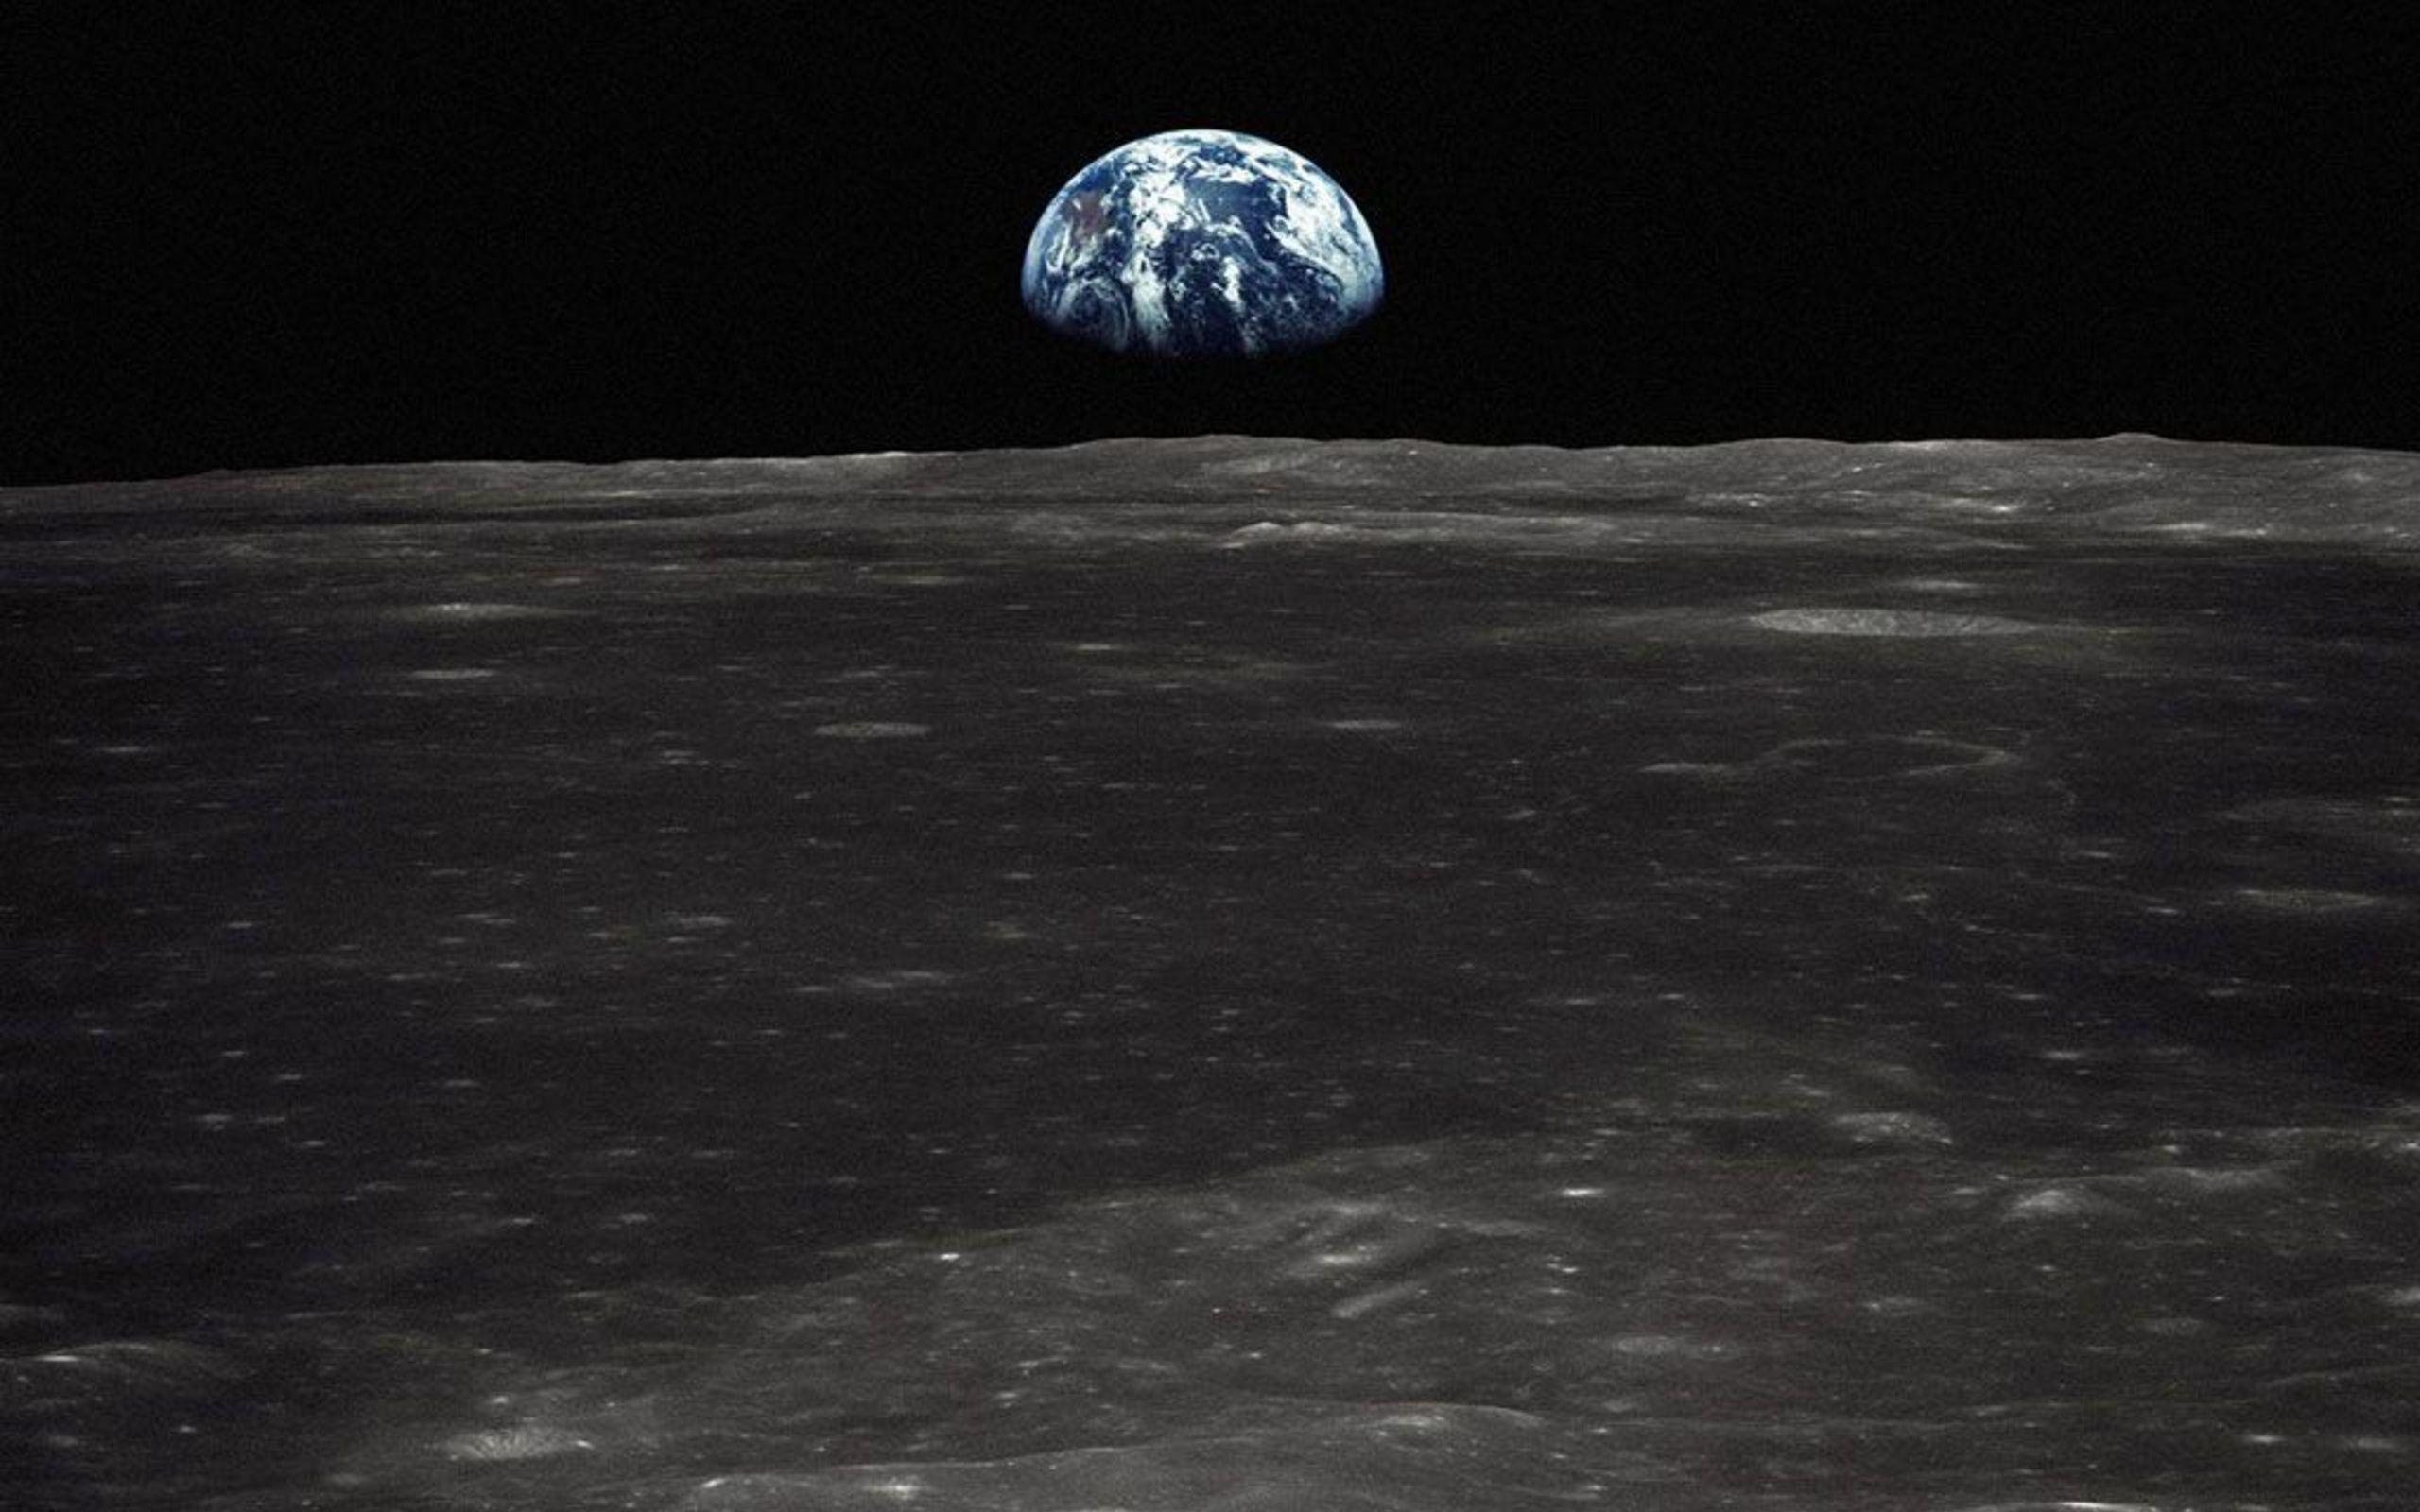 добавите фото земли с луны высокого разрешения бесчисленное множество, каждая